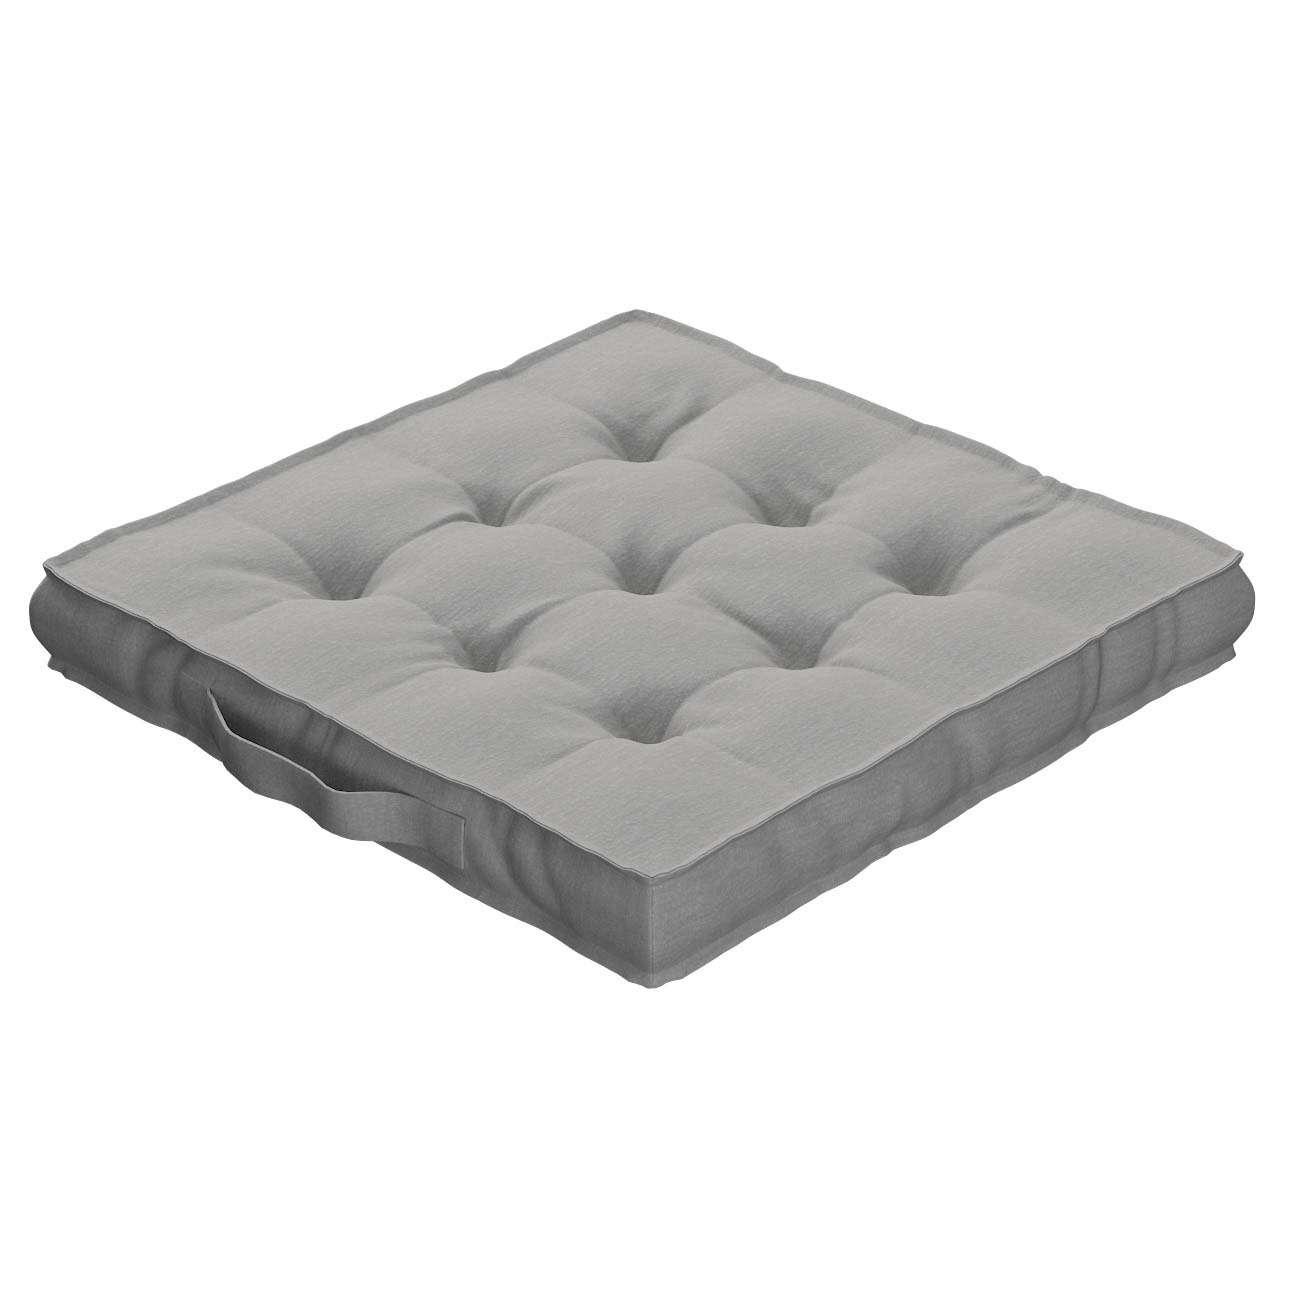 Pagalvėlė Kuba kėdei/ant grindų 40 x 40 x 6 cm kolekcijoje Chenille, audinys: 702-23